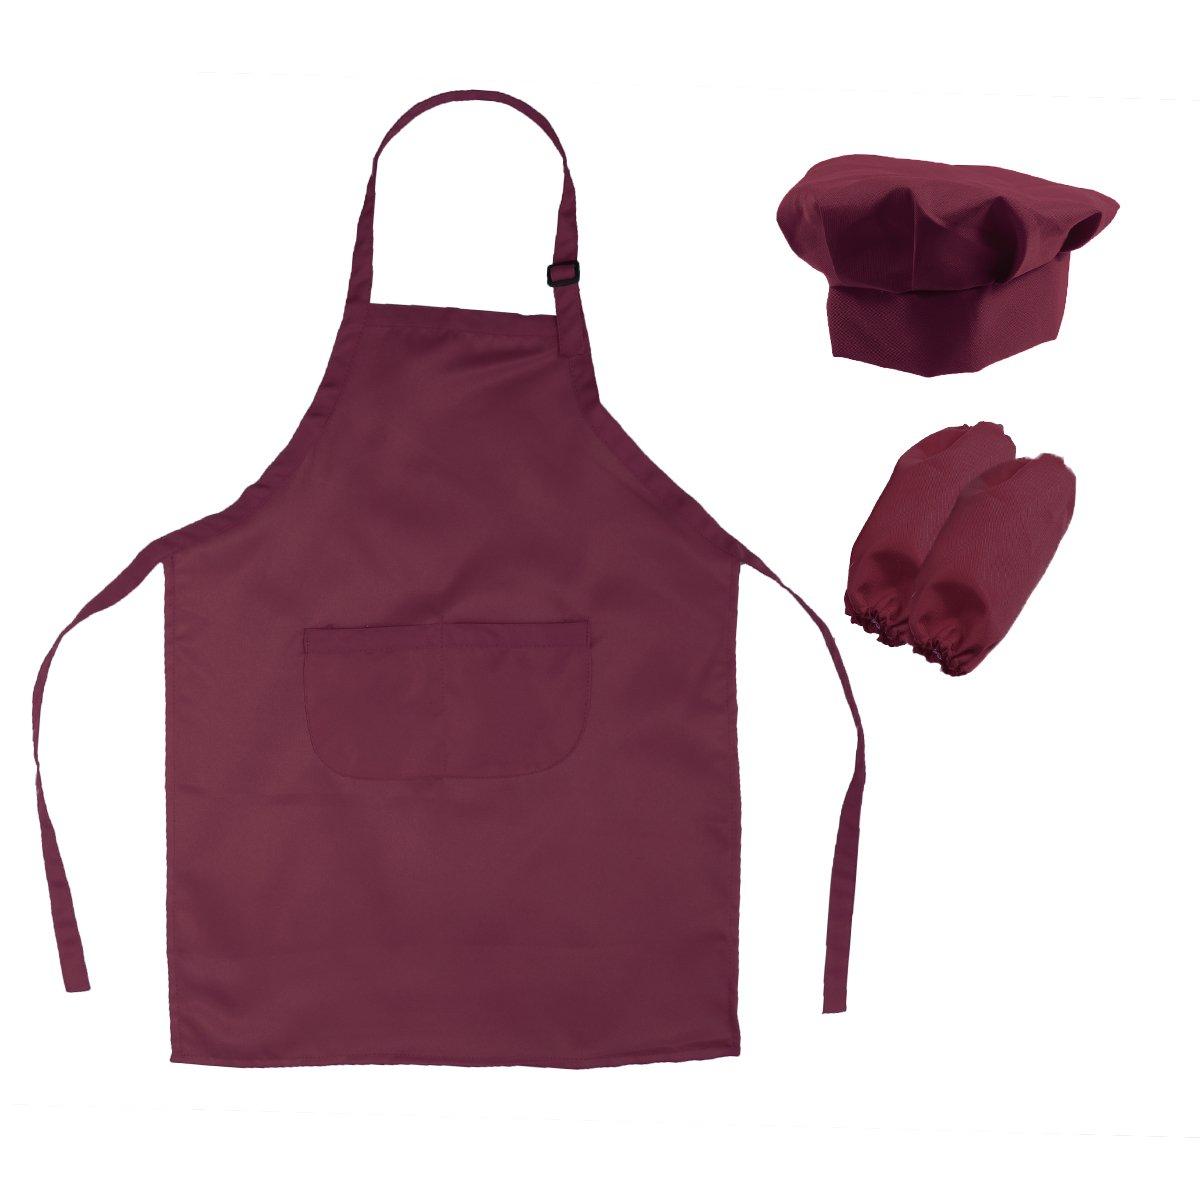 BESTOMZ Kinder-Koch-Set komplett Kinder Küche Geschenk-Spielset mit Kochmütze Schürze und Kochen Ärmel zum Kochen Backen Malerei Dekorieren Party (Weinrot)